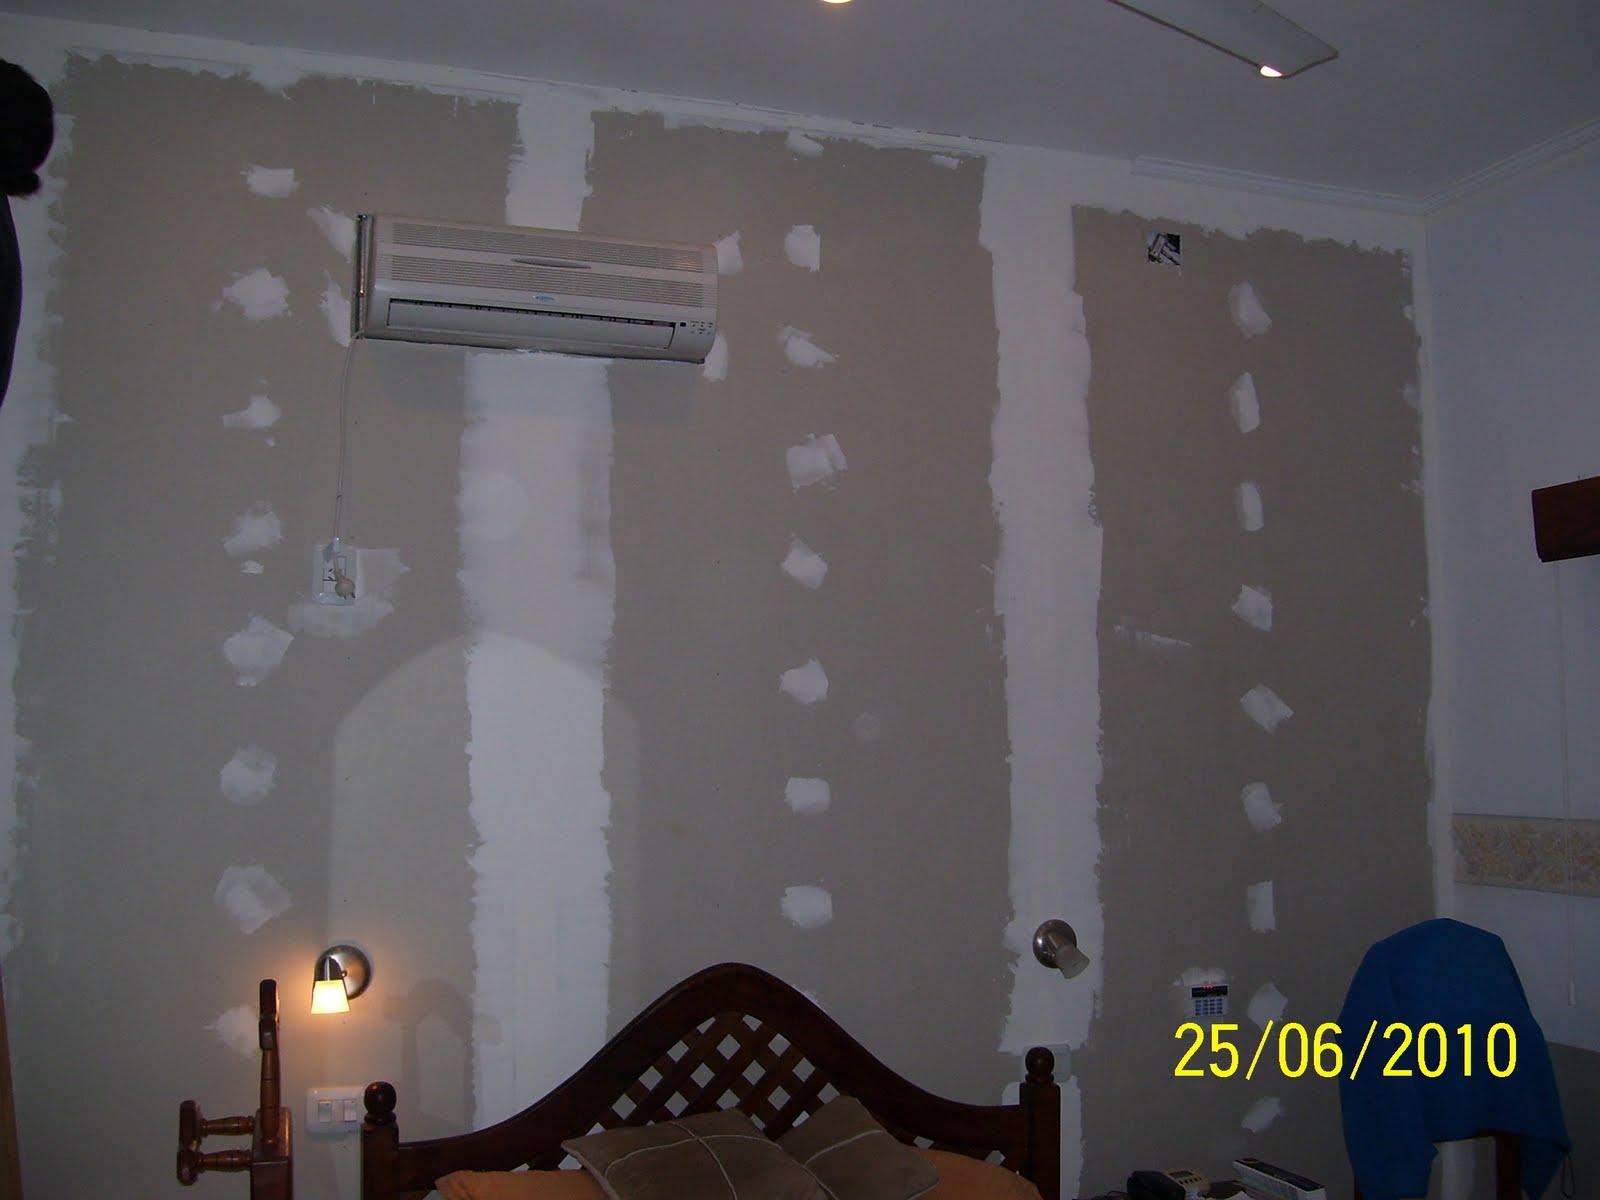 Empresa frigogab revestimiento de paredes con humedad for Humedad en paredes